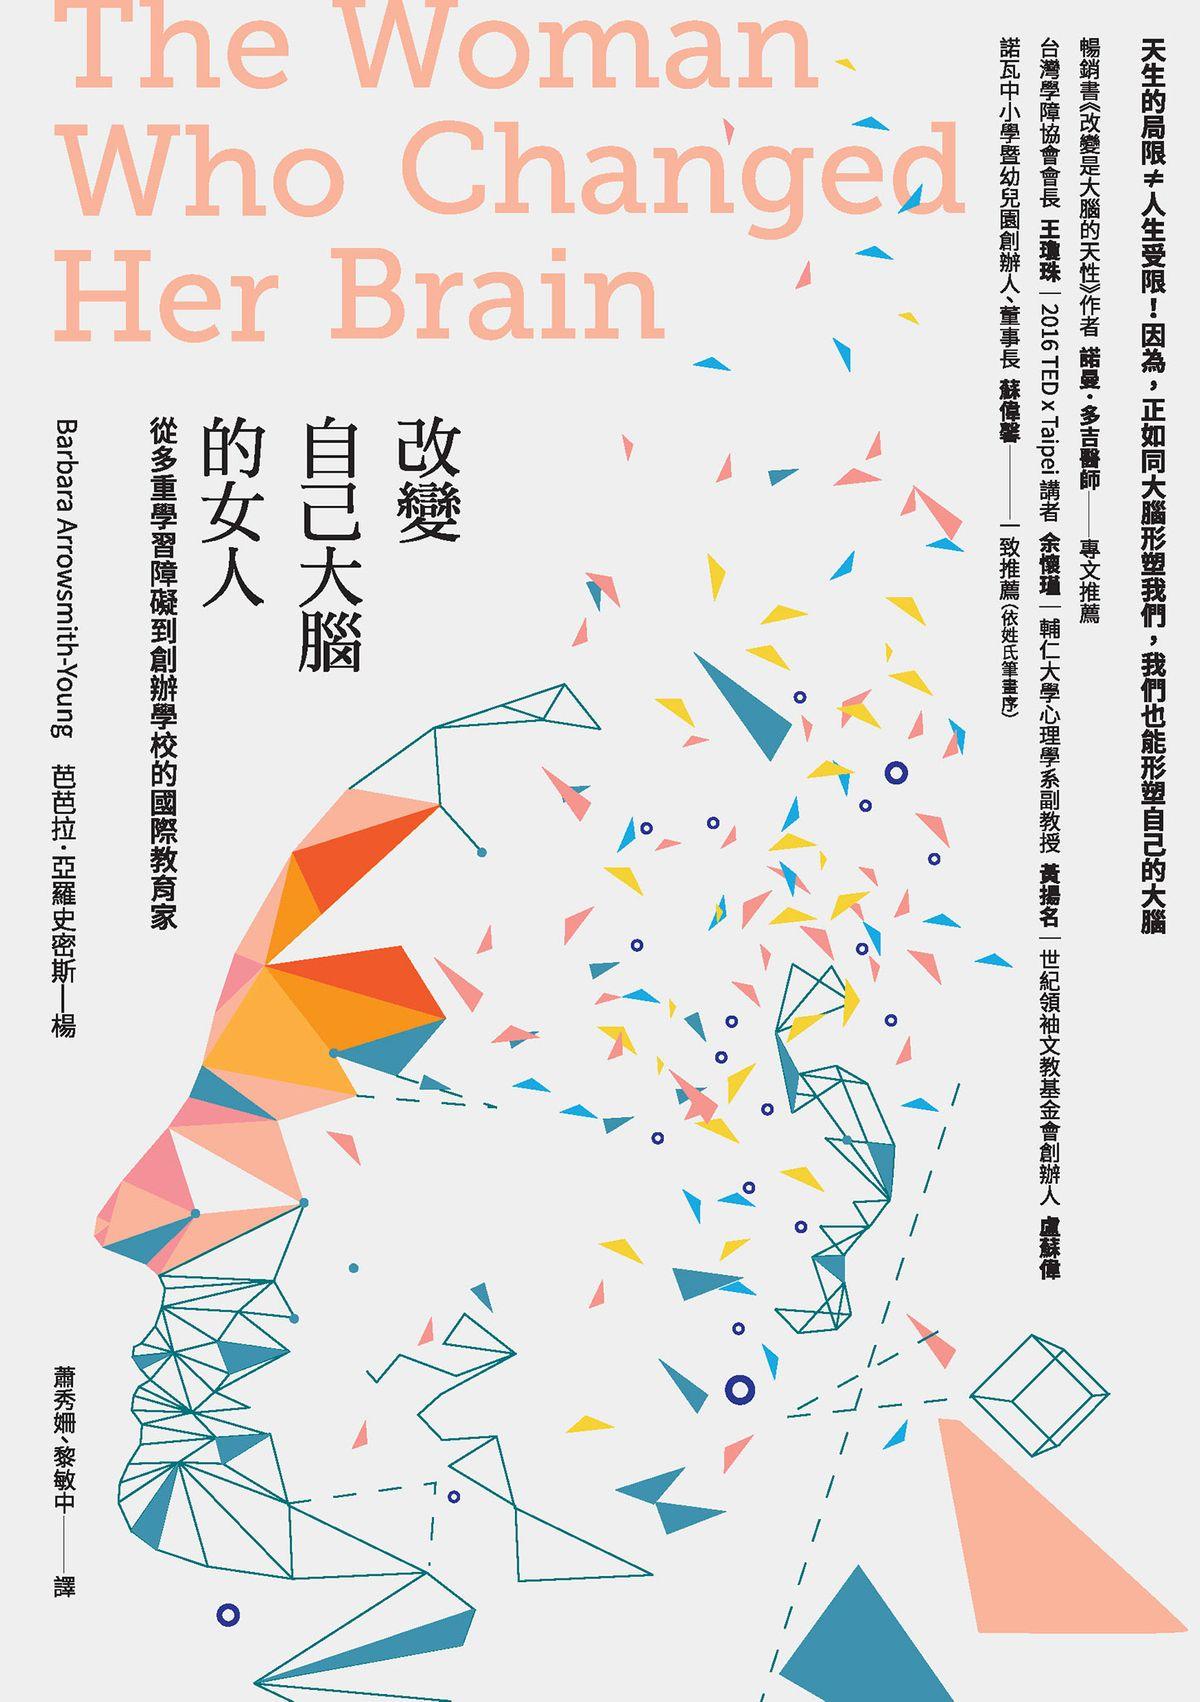 改變自己大腦的女人